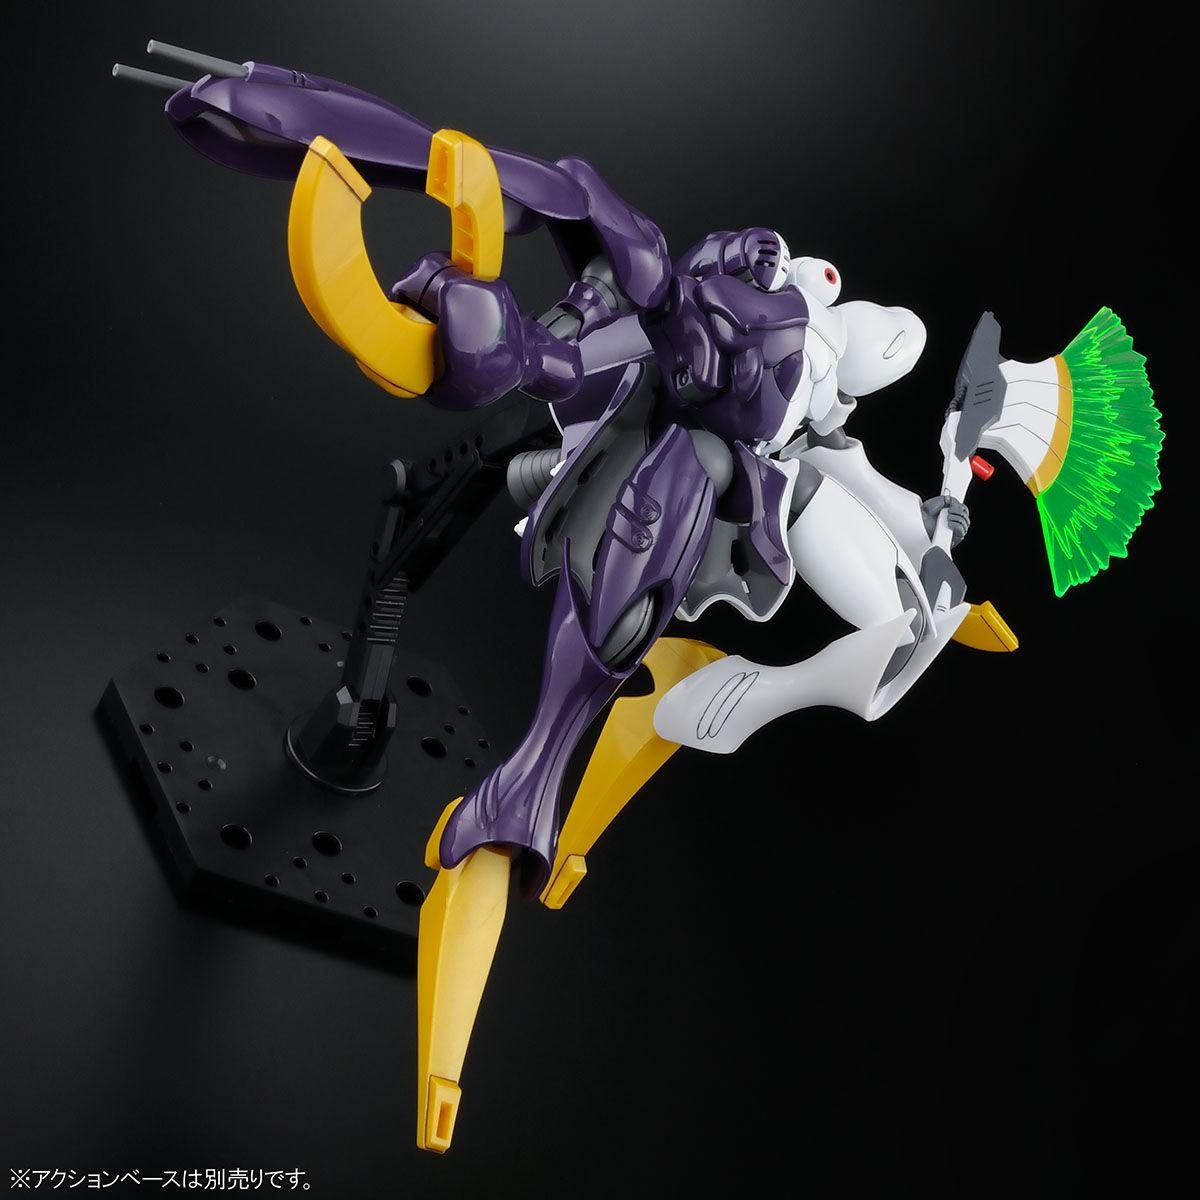 【限定販売】HG 1/144『ディキトゥス(影のカリスト専用機)』クロスボーン・ガンダム プラモデル-004